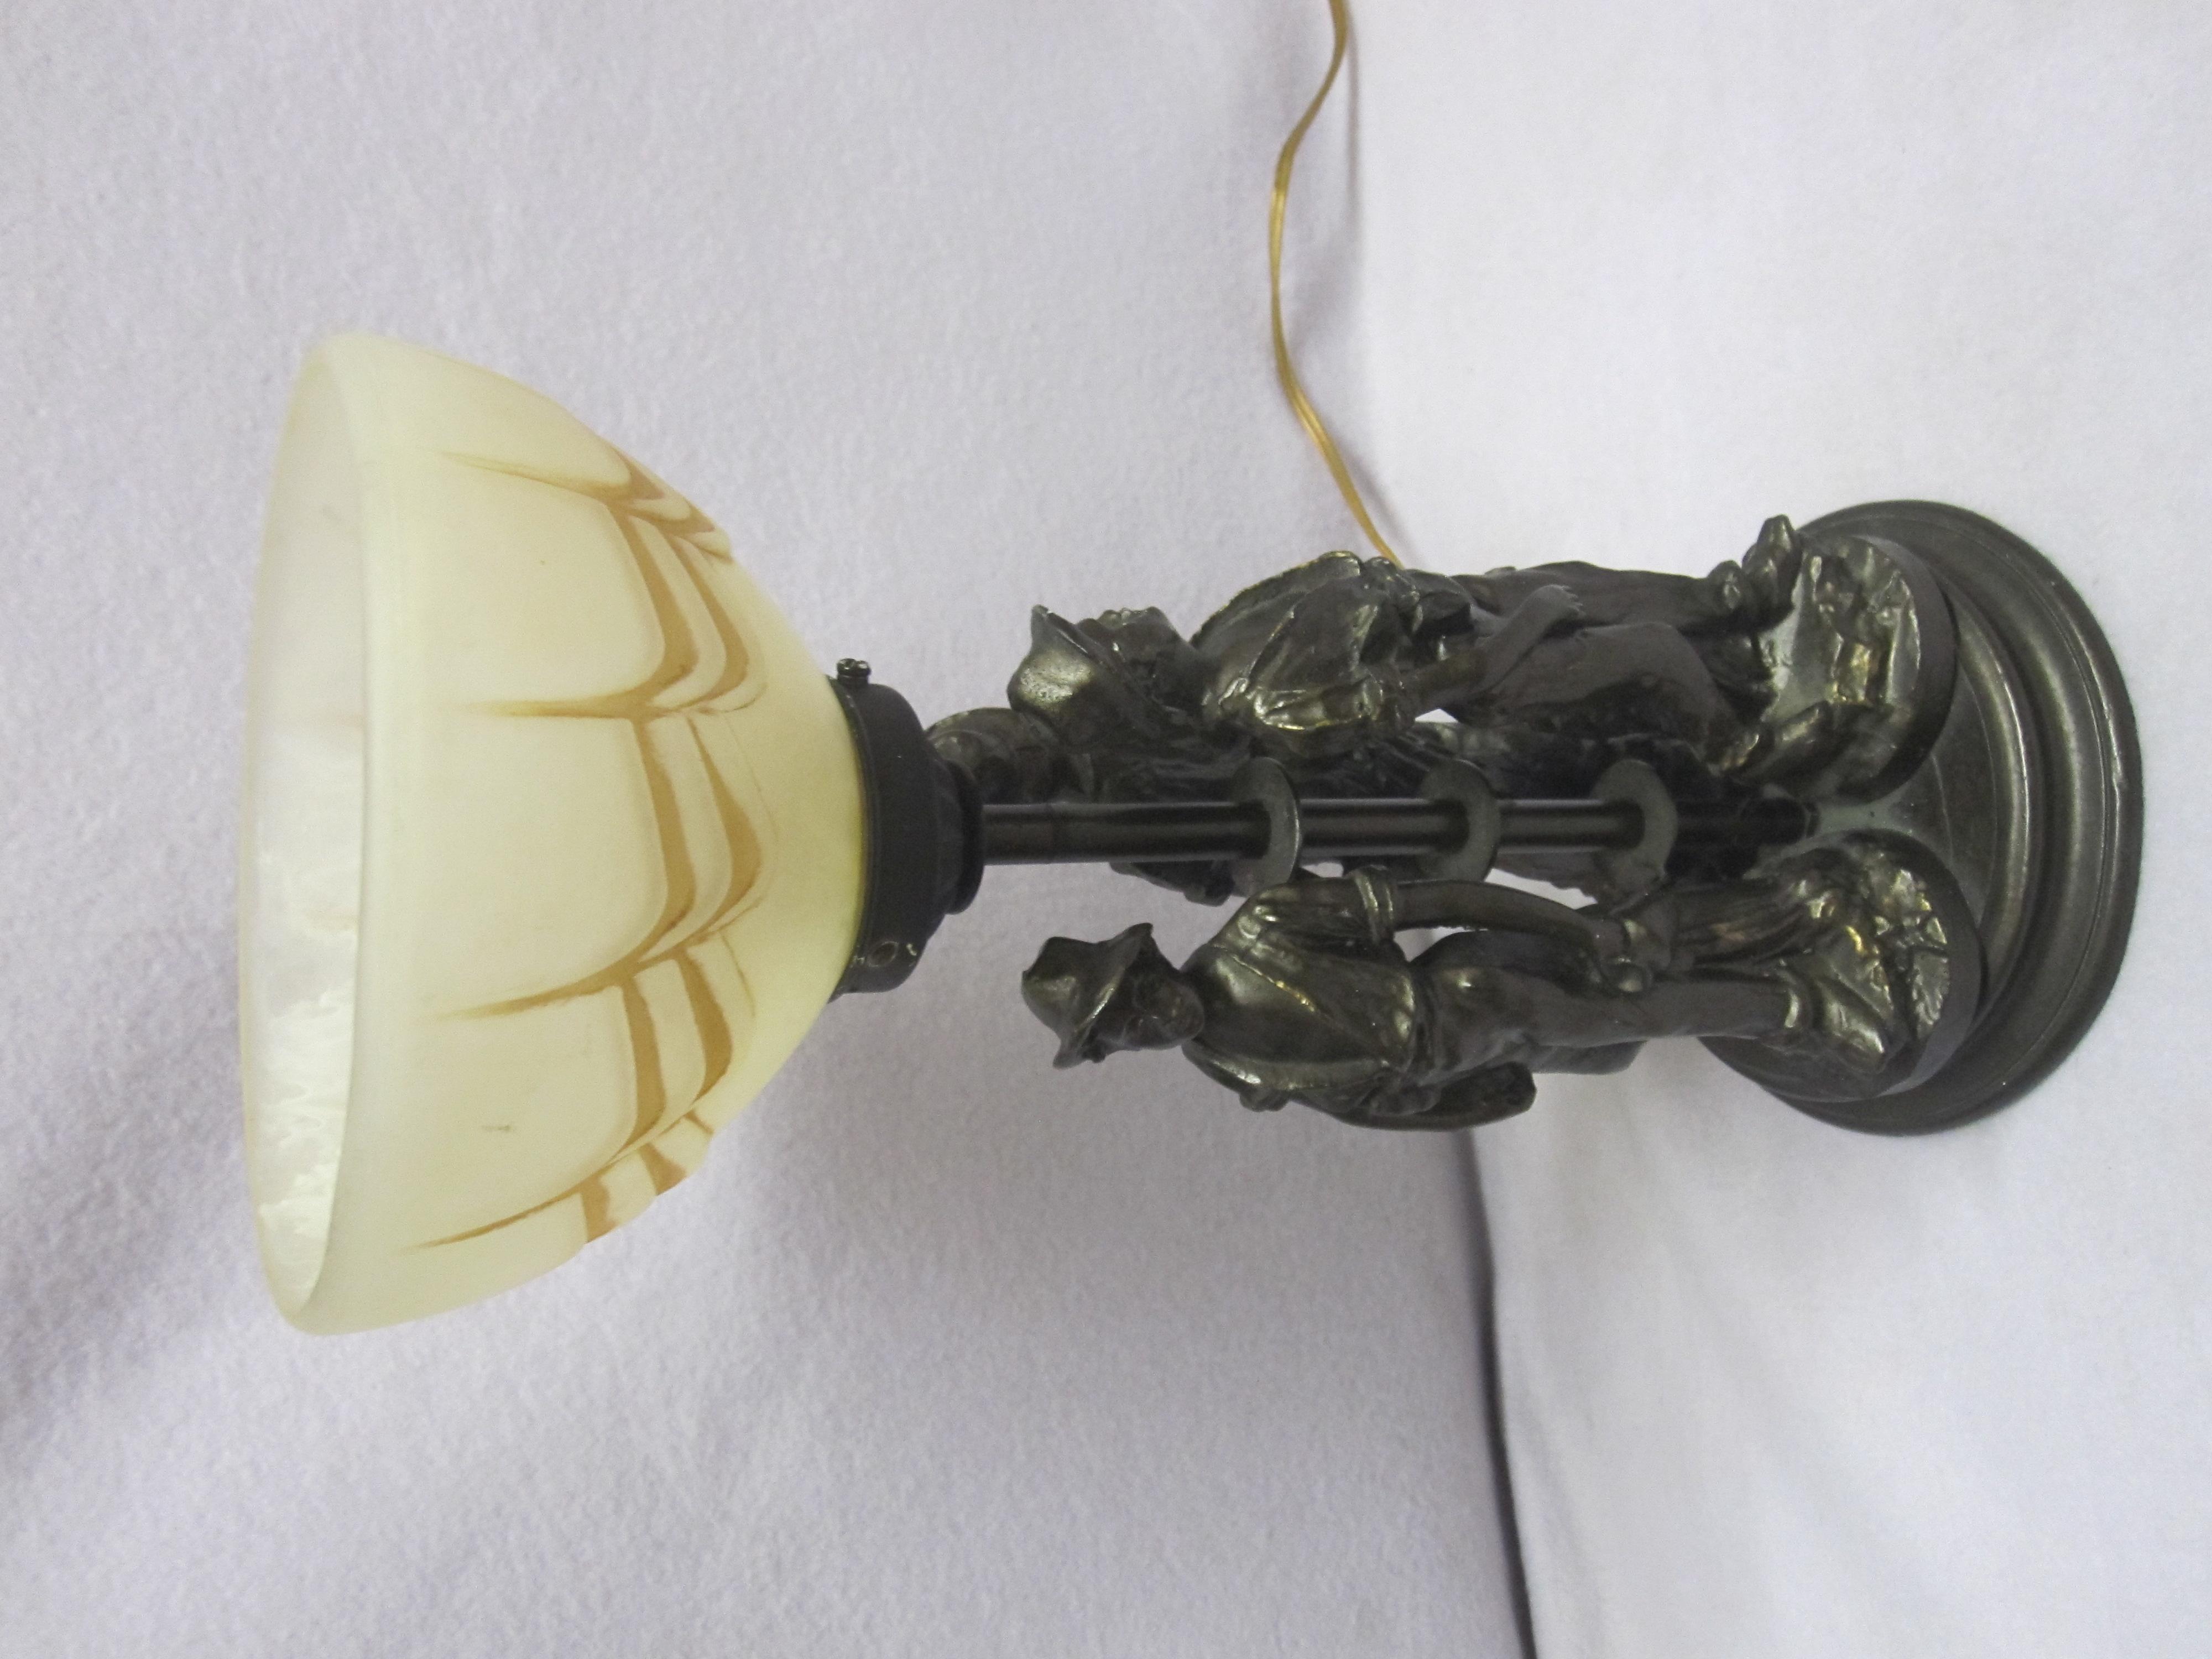 tischlampe figur mit schirm tischleuchte lampe antik. Black Bedroom Furniture Sets. Home Design Ideas